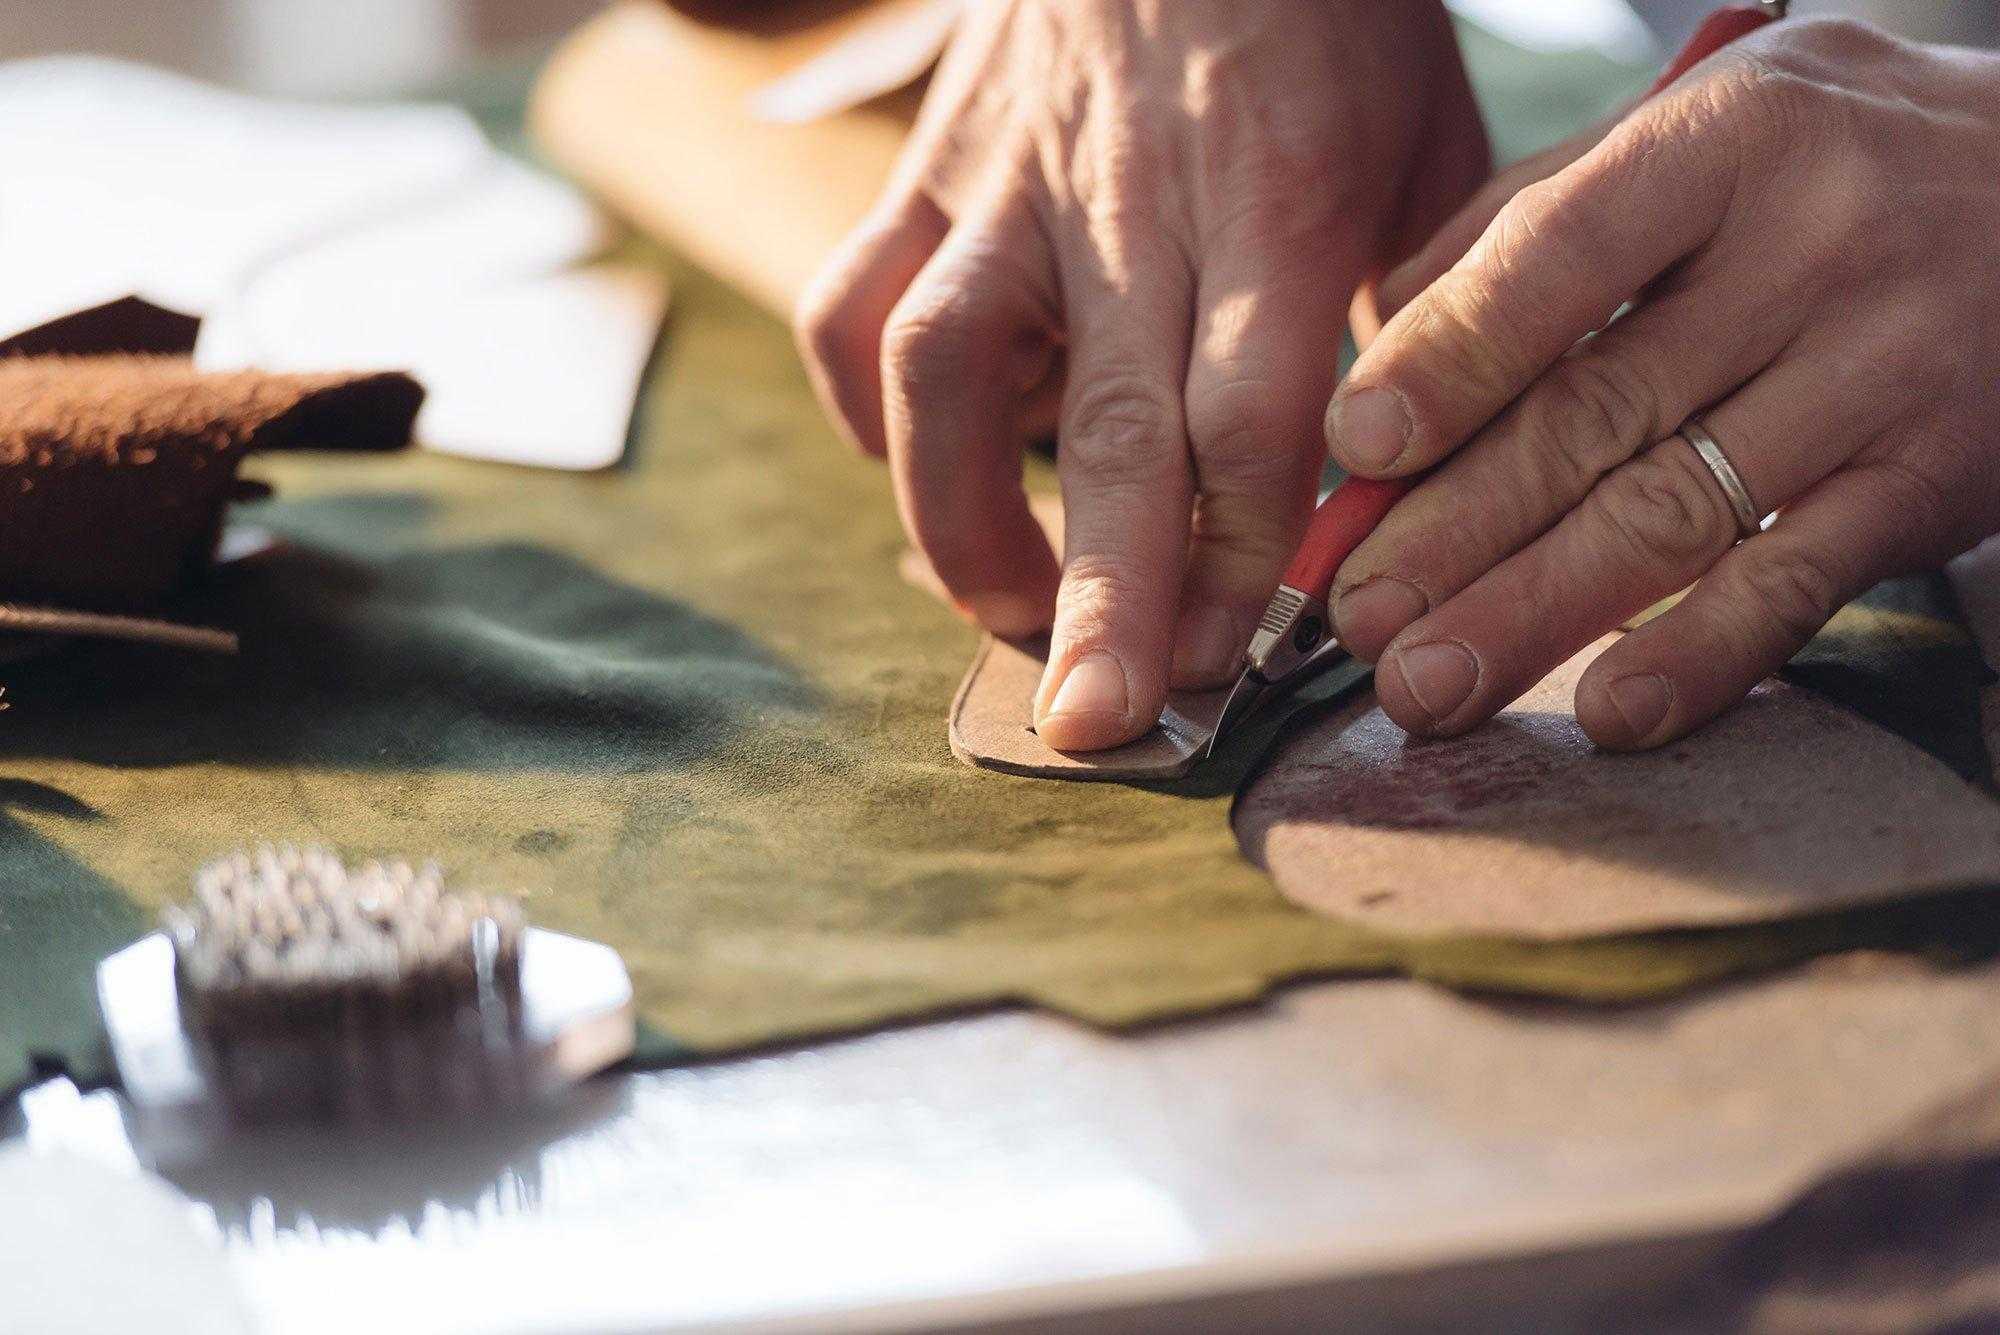 L'artigianato italiano che è capace di innovarsi, grazie al digitale